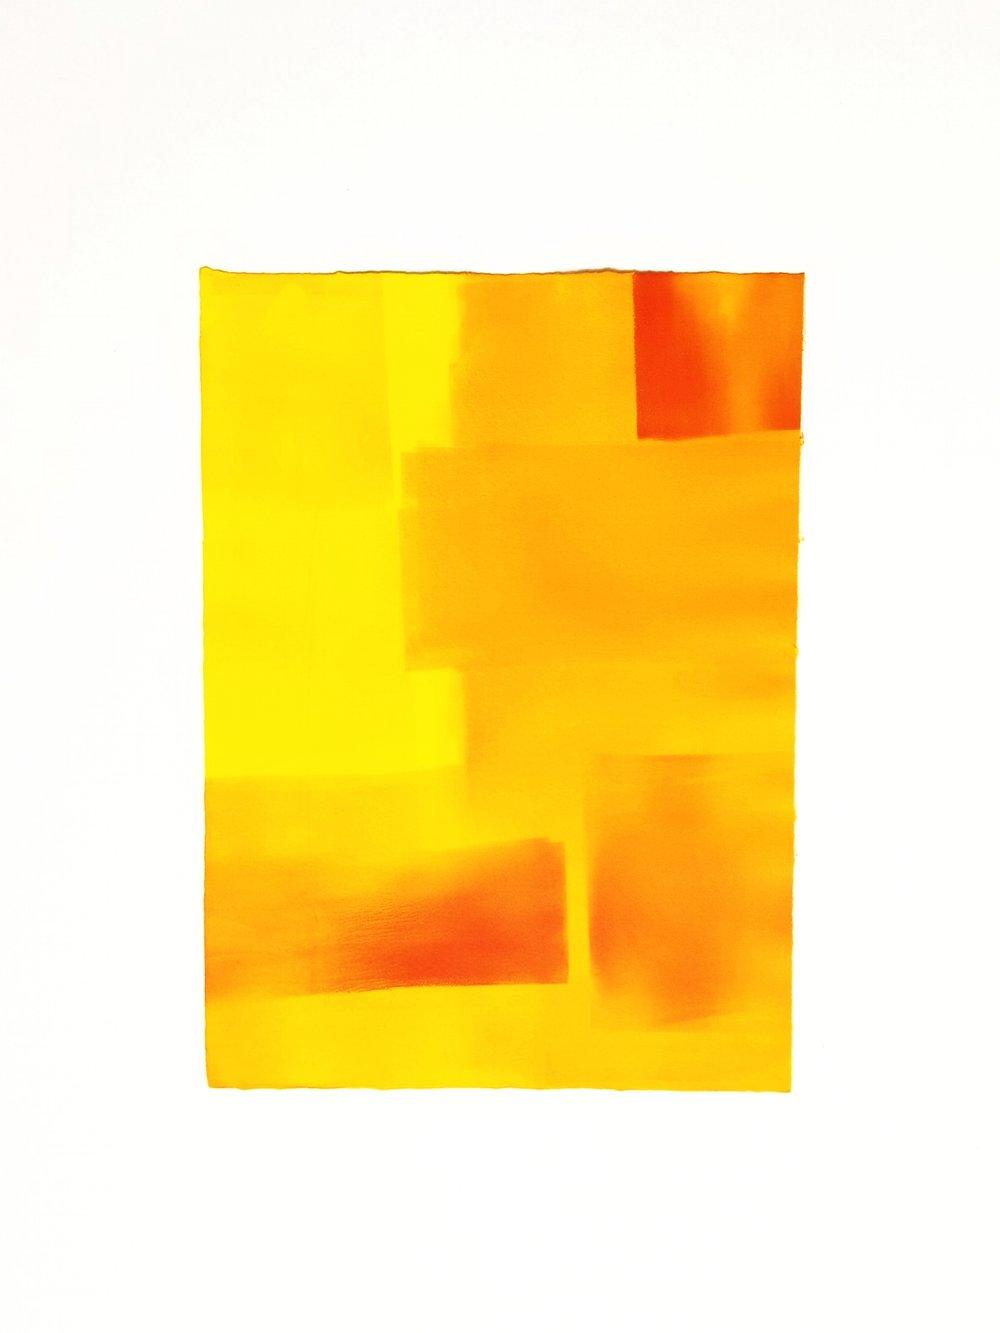 Monoprint No. 3